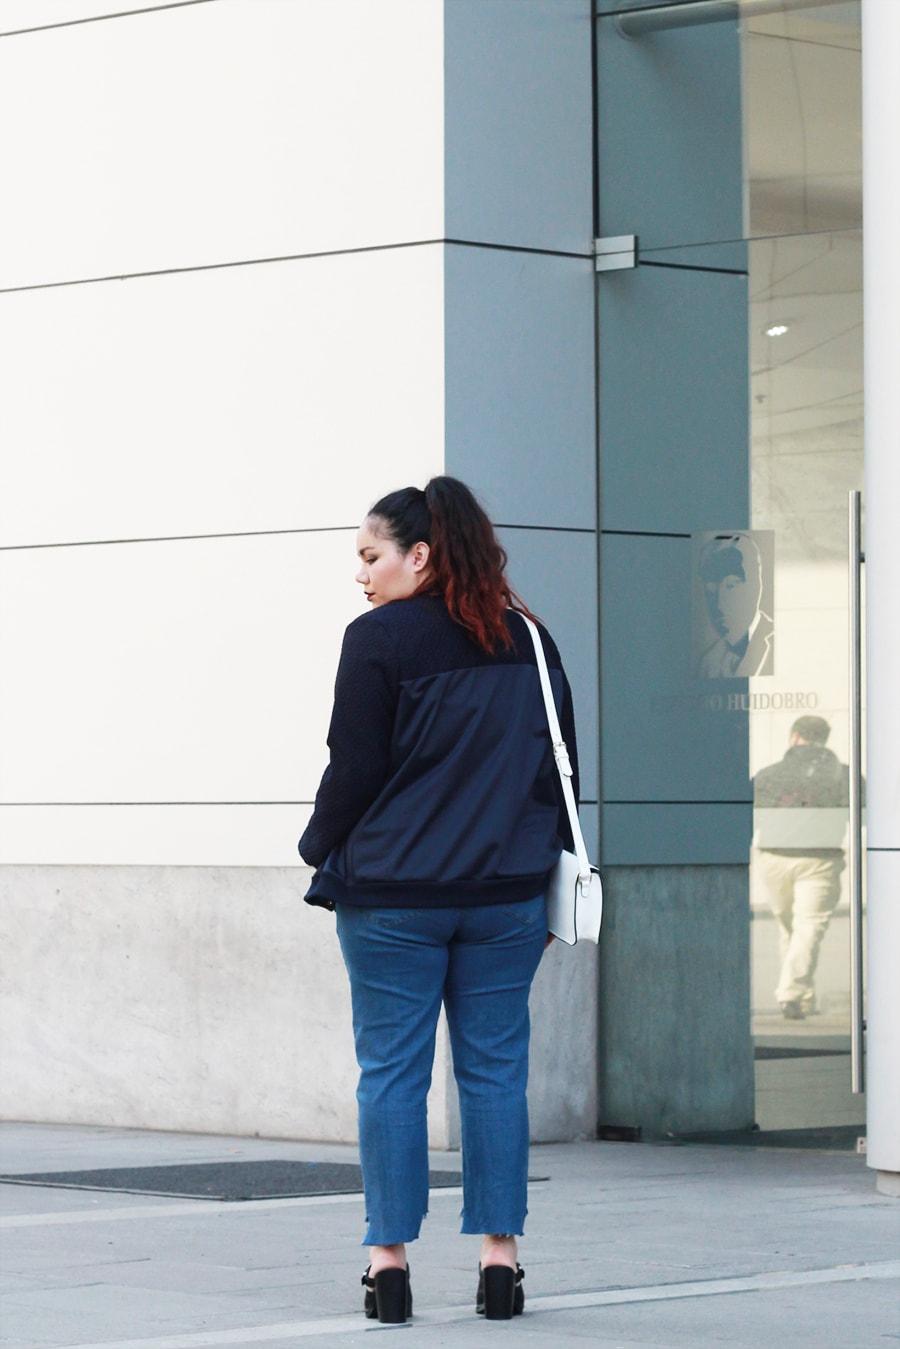 Blogger Méxicana - Bomber jacket for spring   Golden Strokes